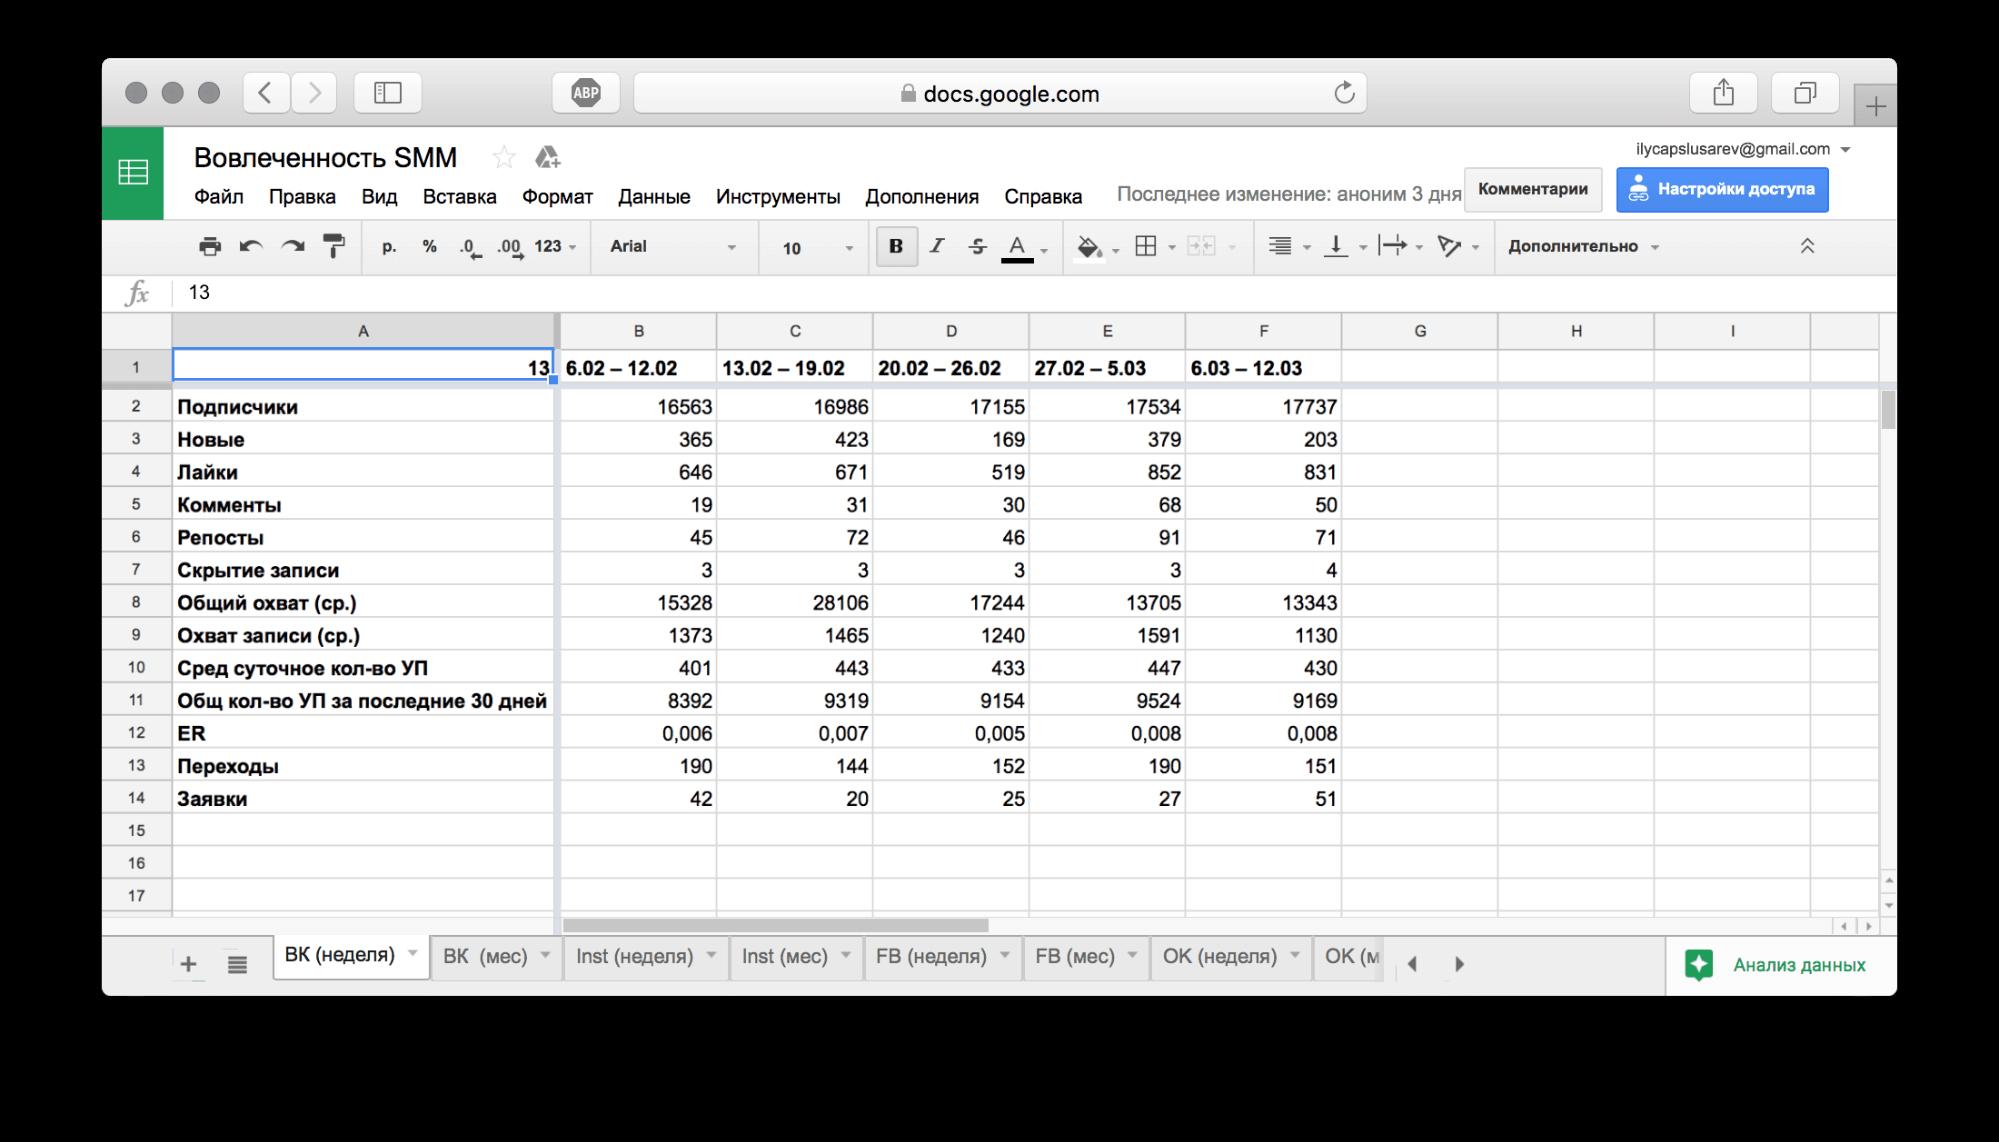 По таким столбикам цифр можно строить отличные графики и отслеживать эффективность